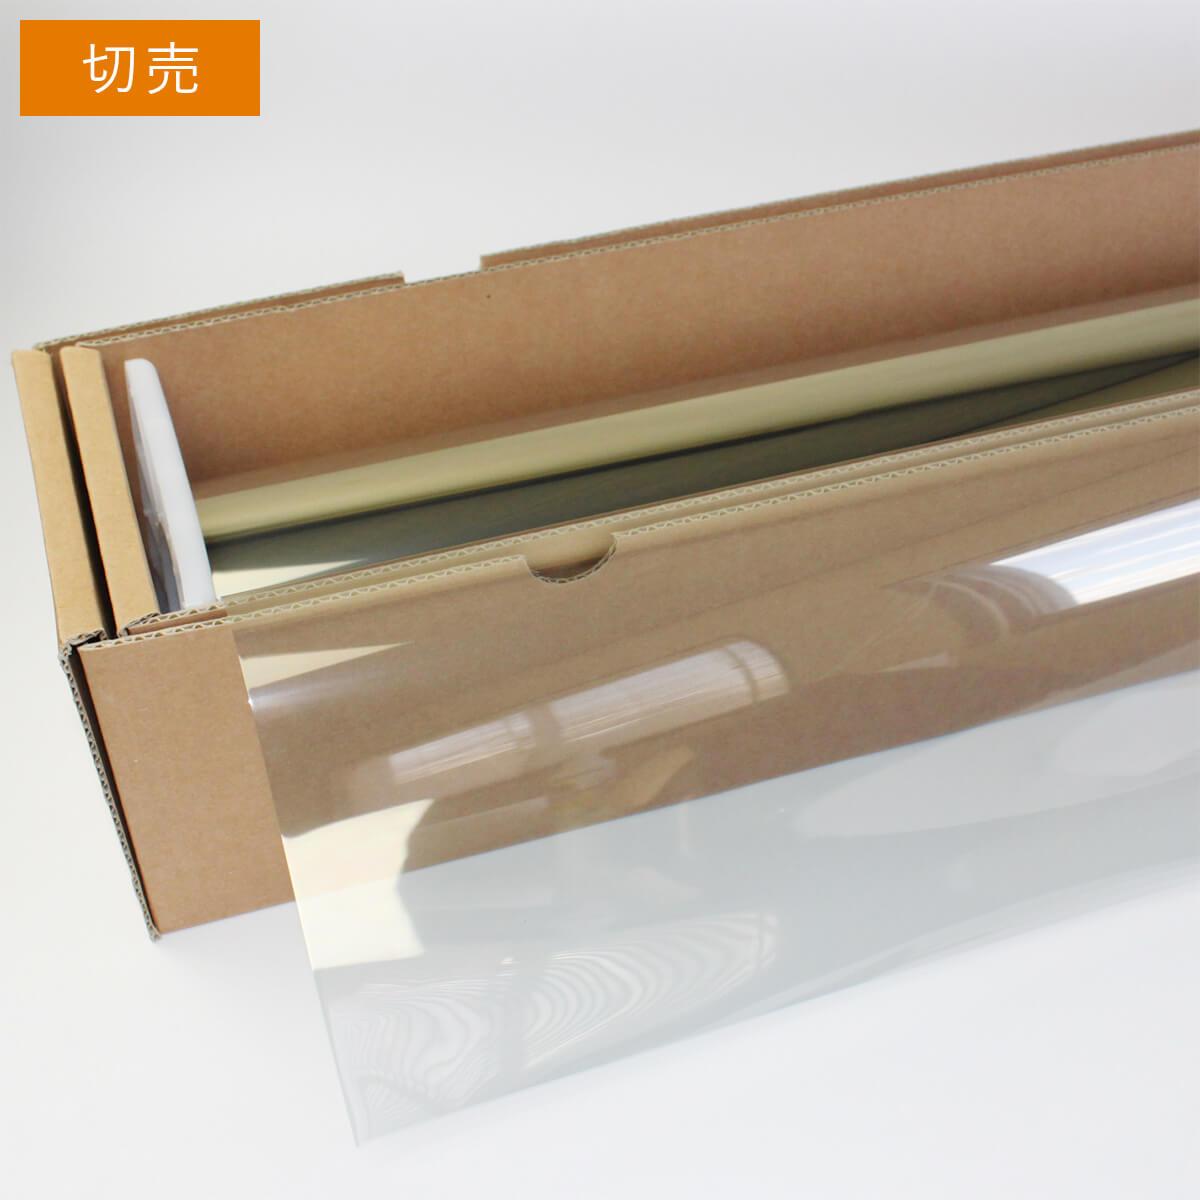 ウィンドウフィルム 窓ガラスフィルム スパッタゴールド70 92cm幅×1m単位切売 遮熱フィルム 断熱フィルム UVカットフィルム ブレインテック Braintec